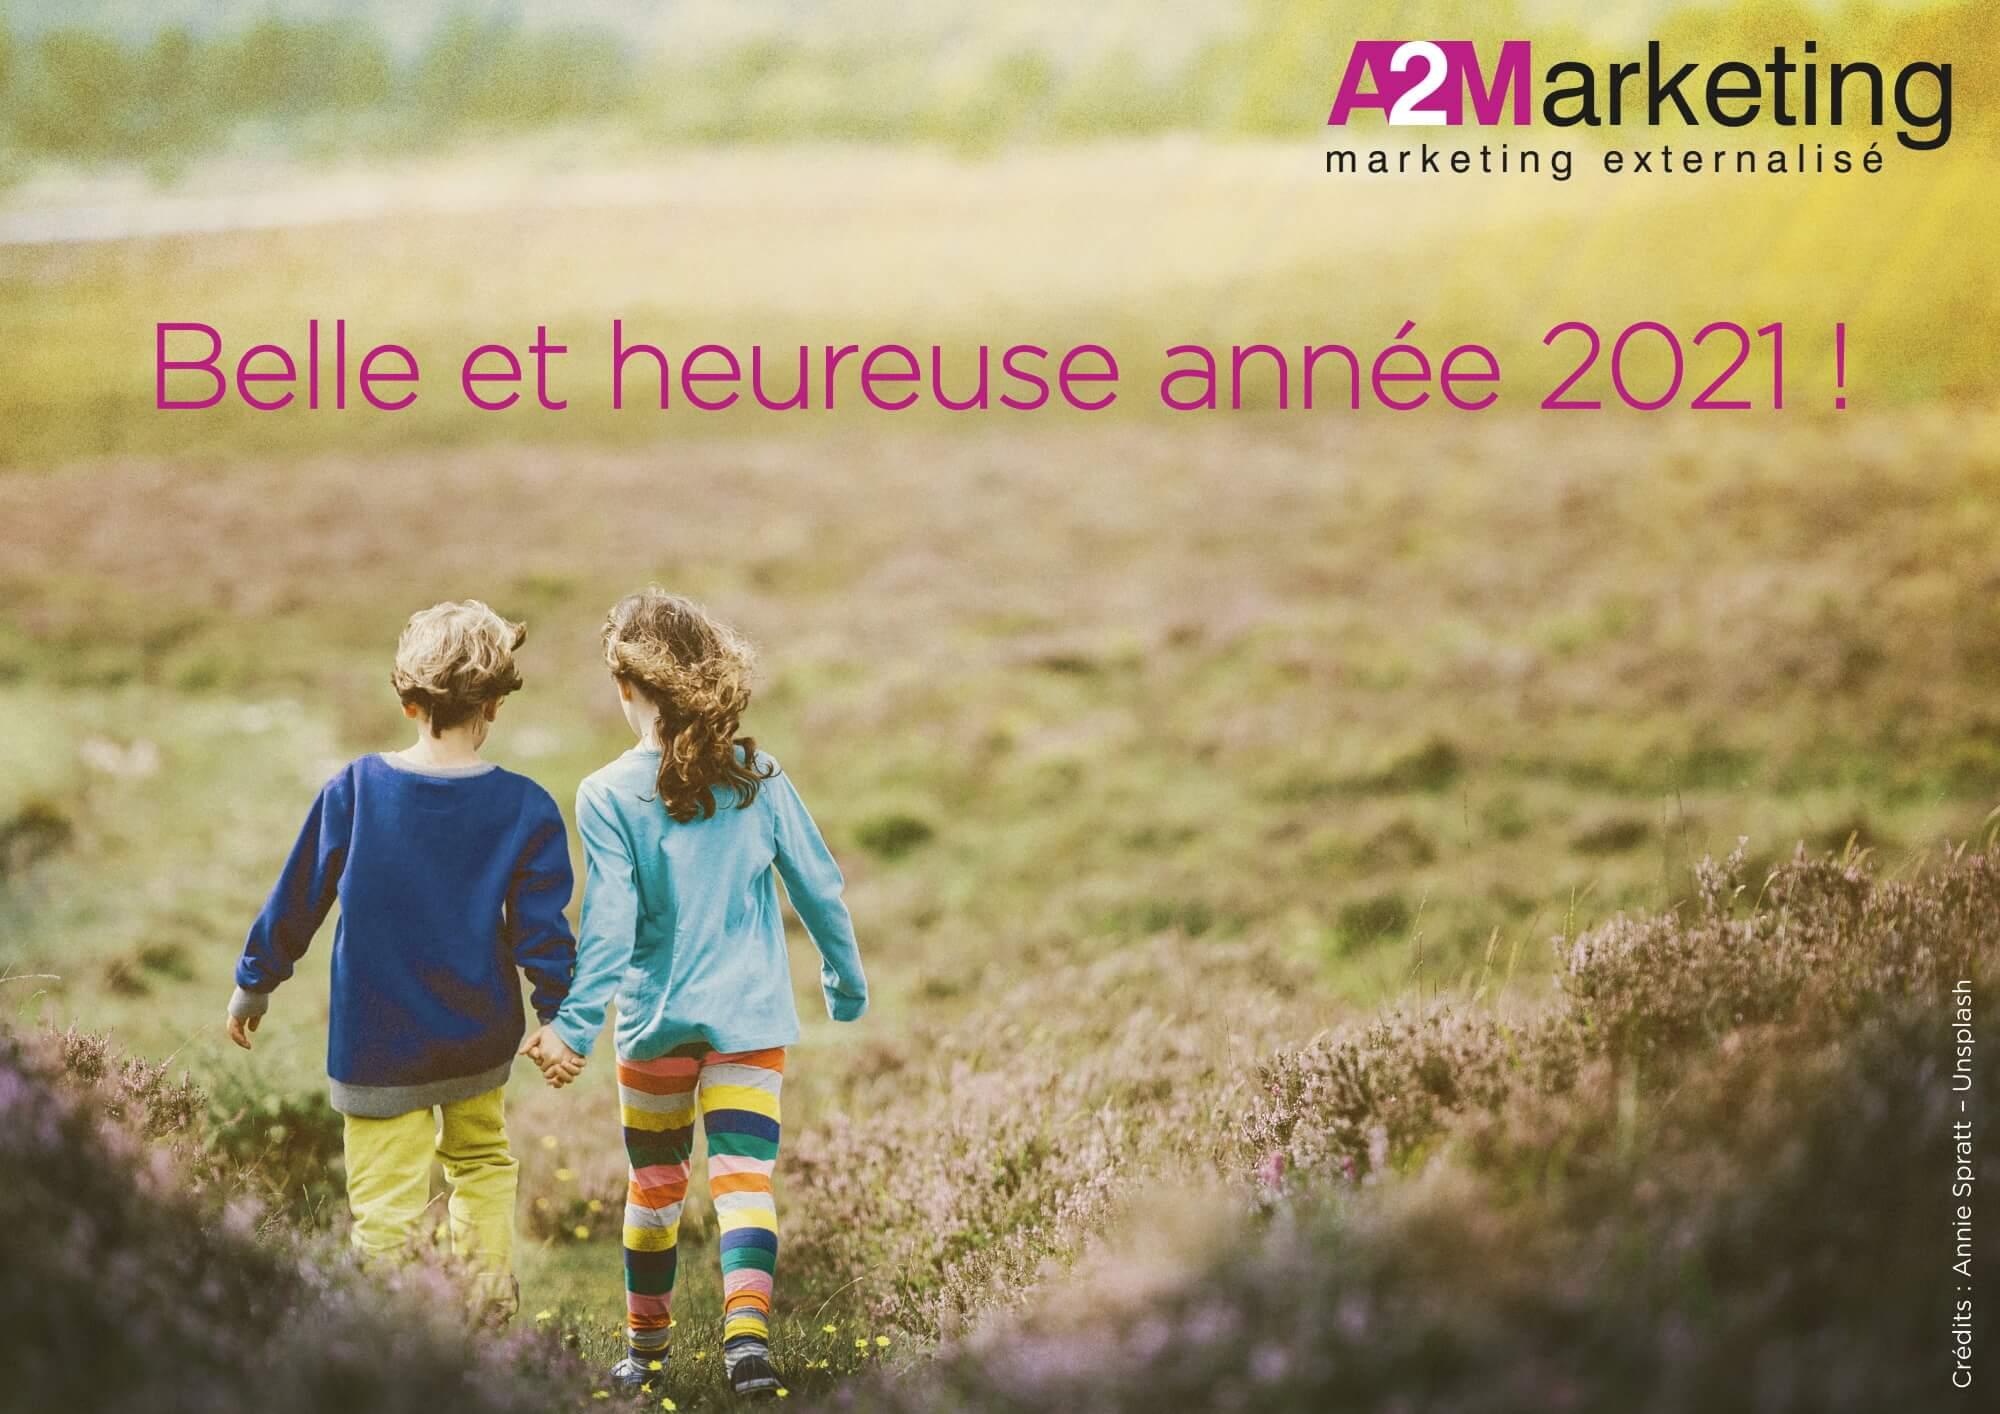 L'équipe A2Marketing vous souhaite une bonne année 2021